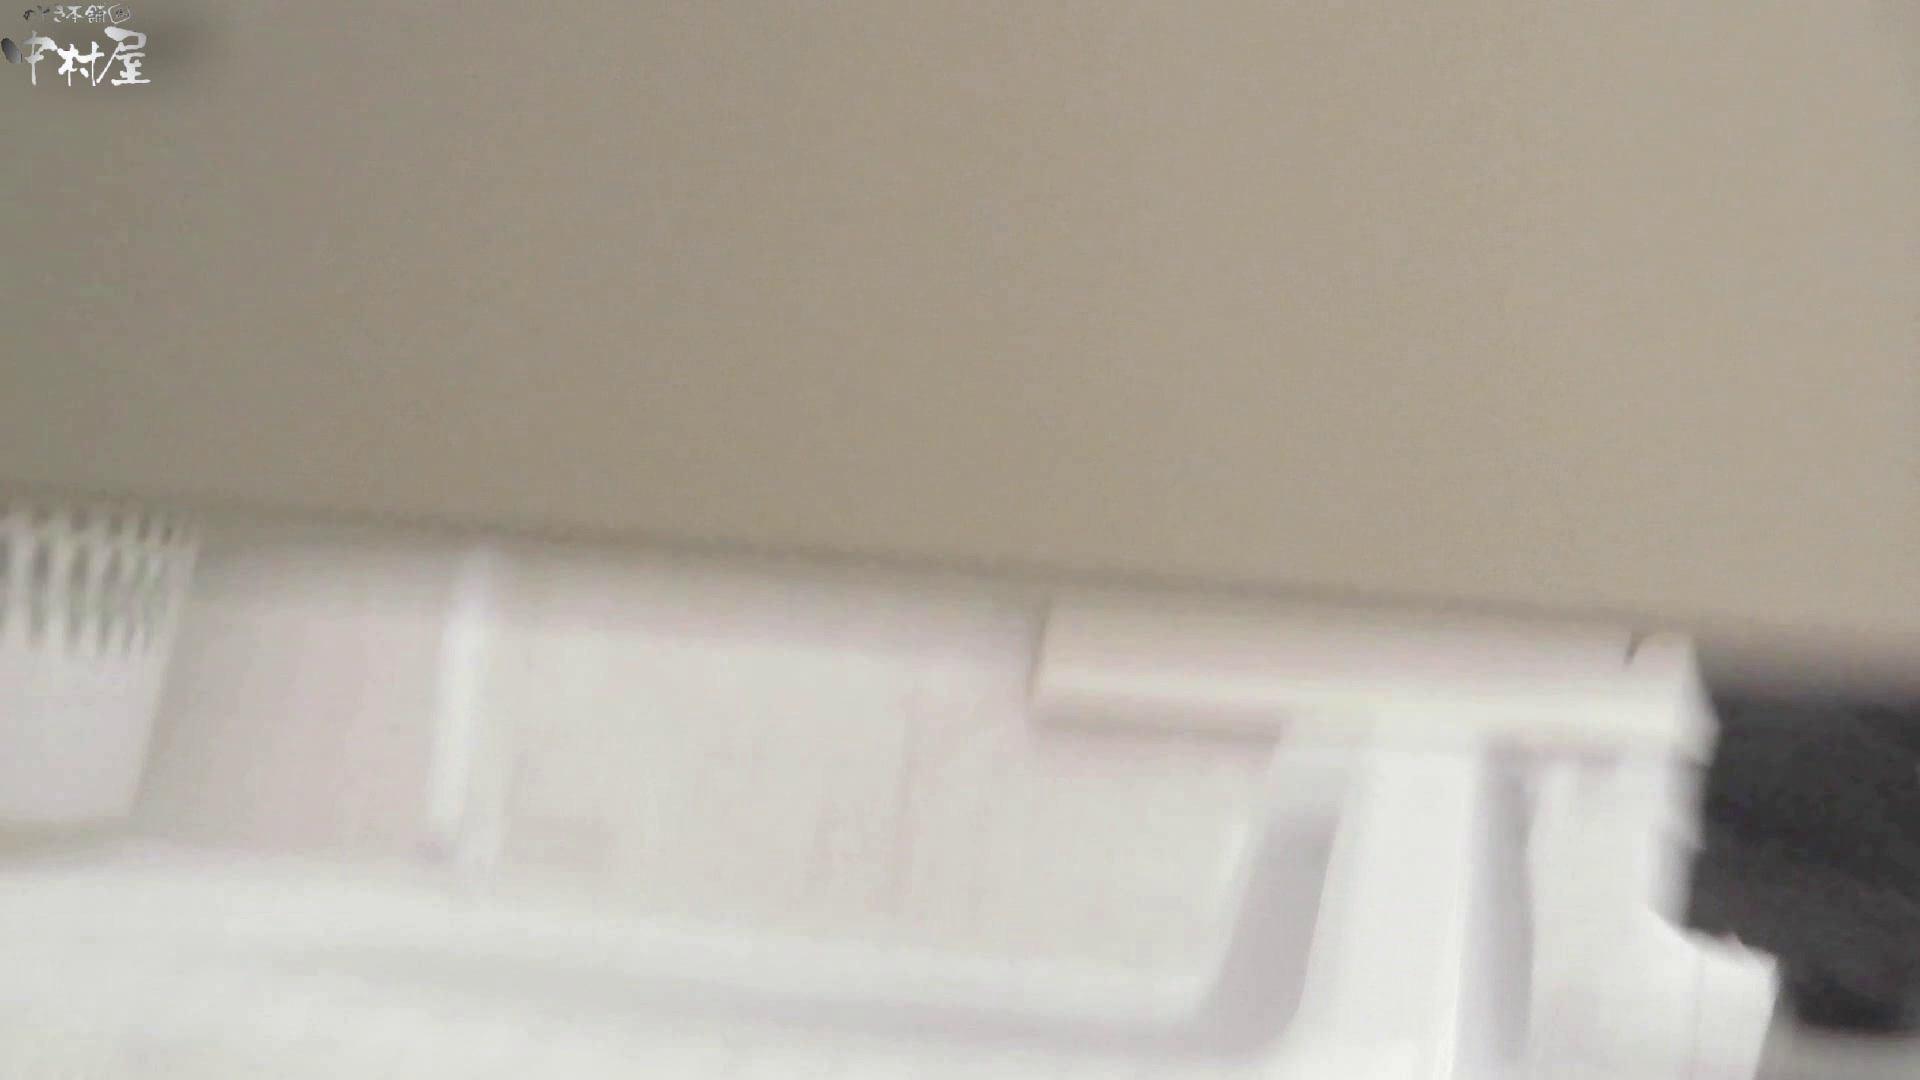 お市さんの「お尻丸出しジャンボリー」No.07 マンコ・ムレムレ エロ画像 103pic 91